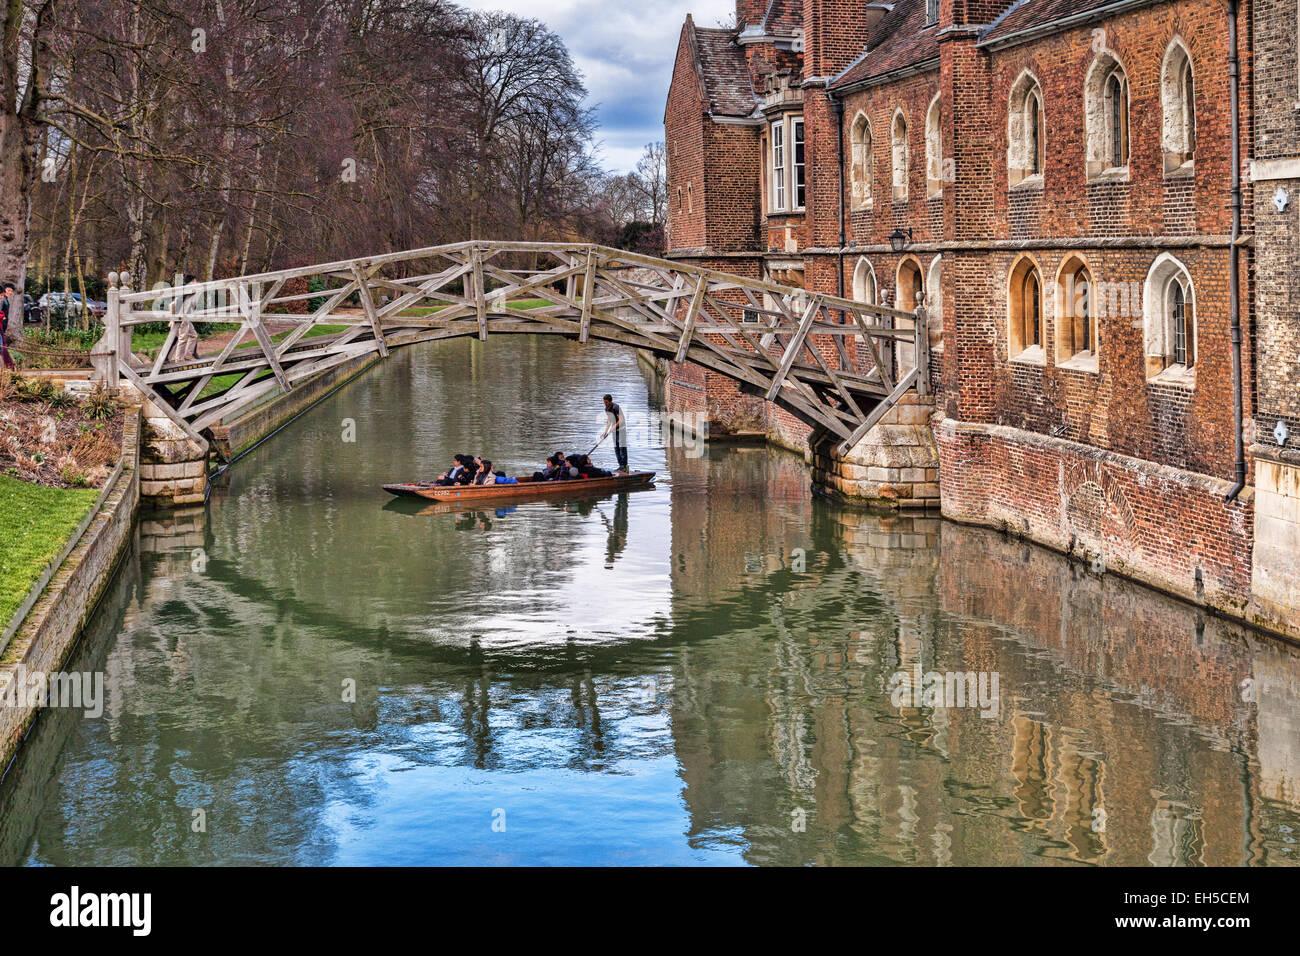 Le pont mathématique, Cambridge, qui relie deux parties de Queens College, avec un punt passant en dessous. Photo Stock